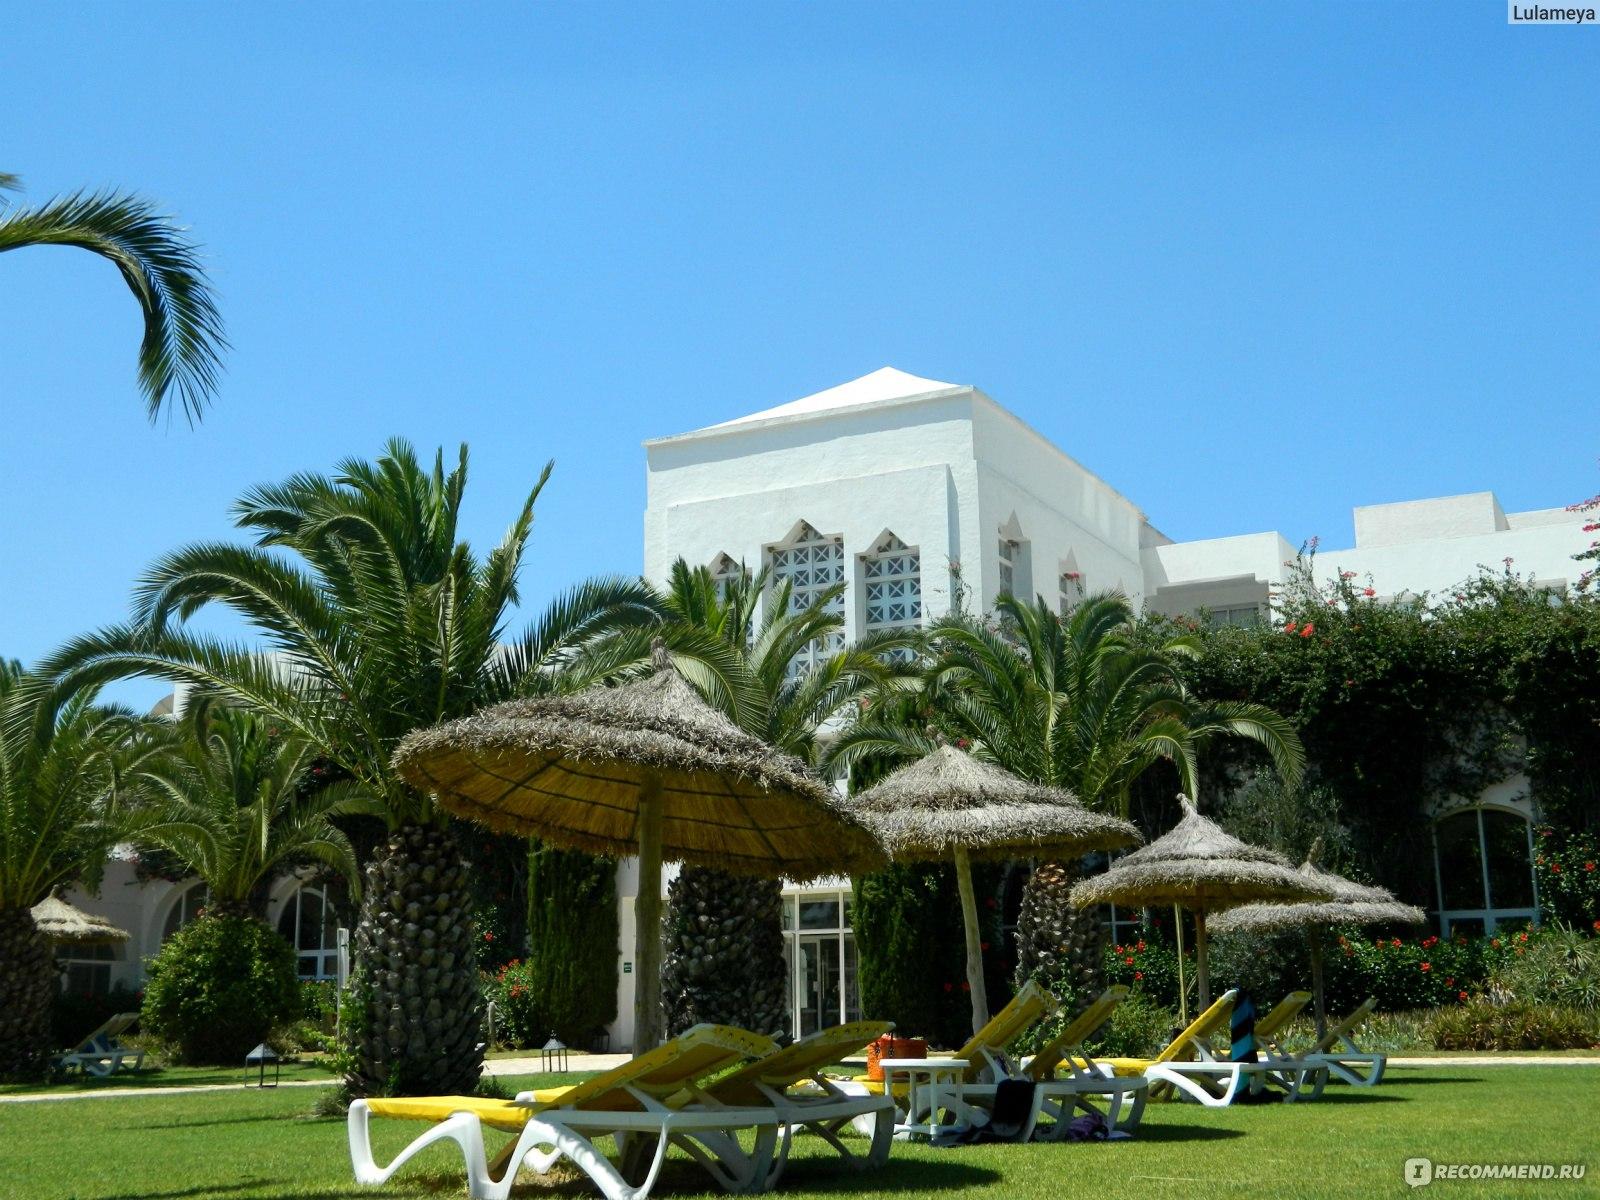 Тунис курорты описание фото отзывы